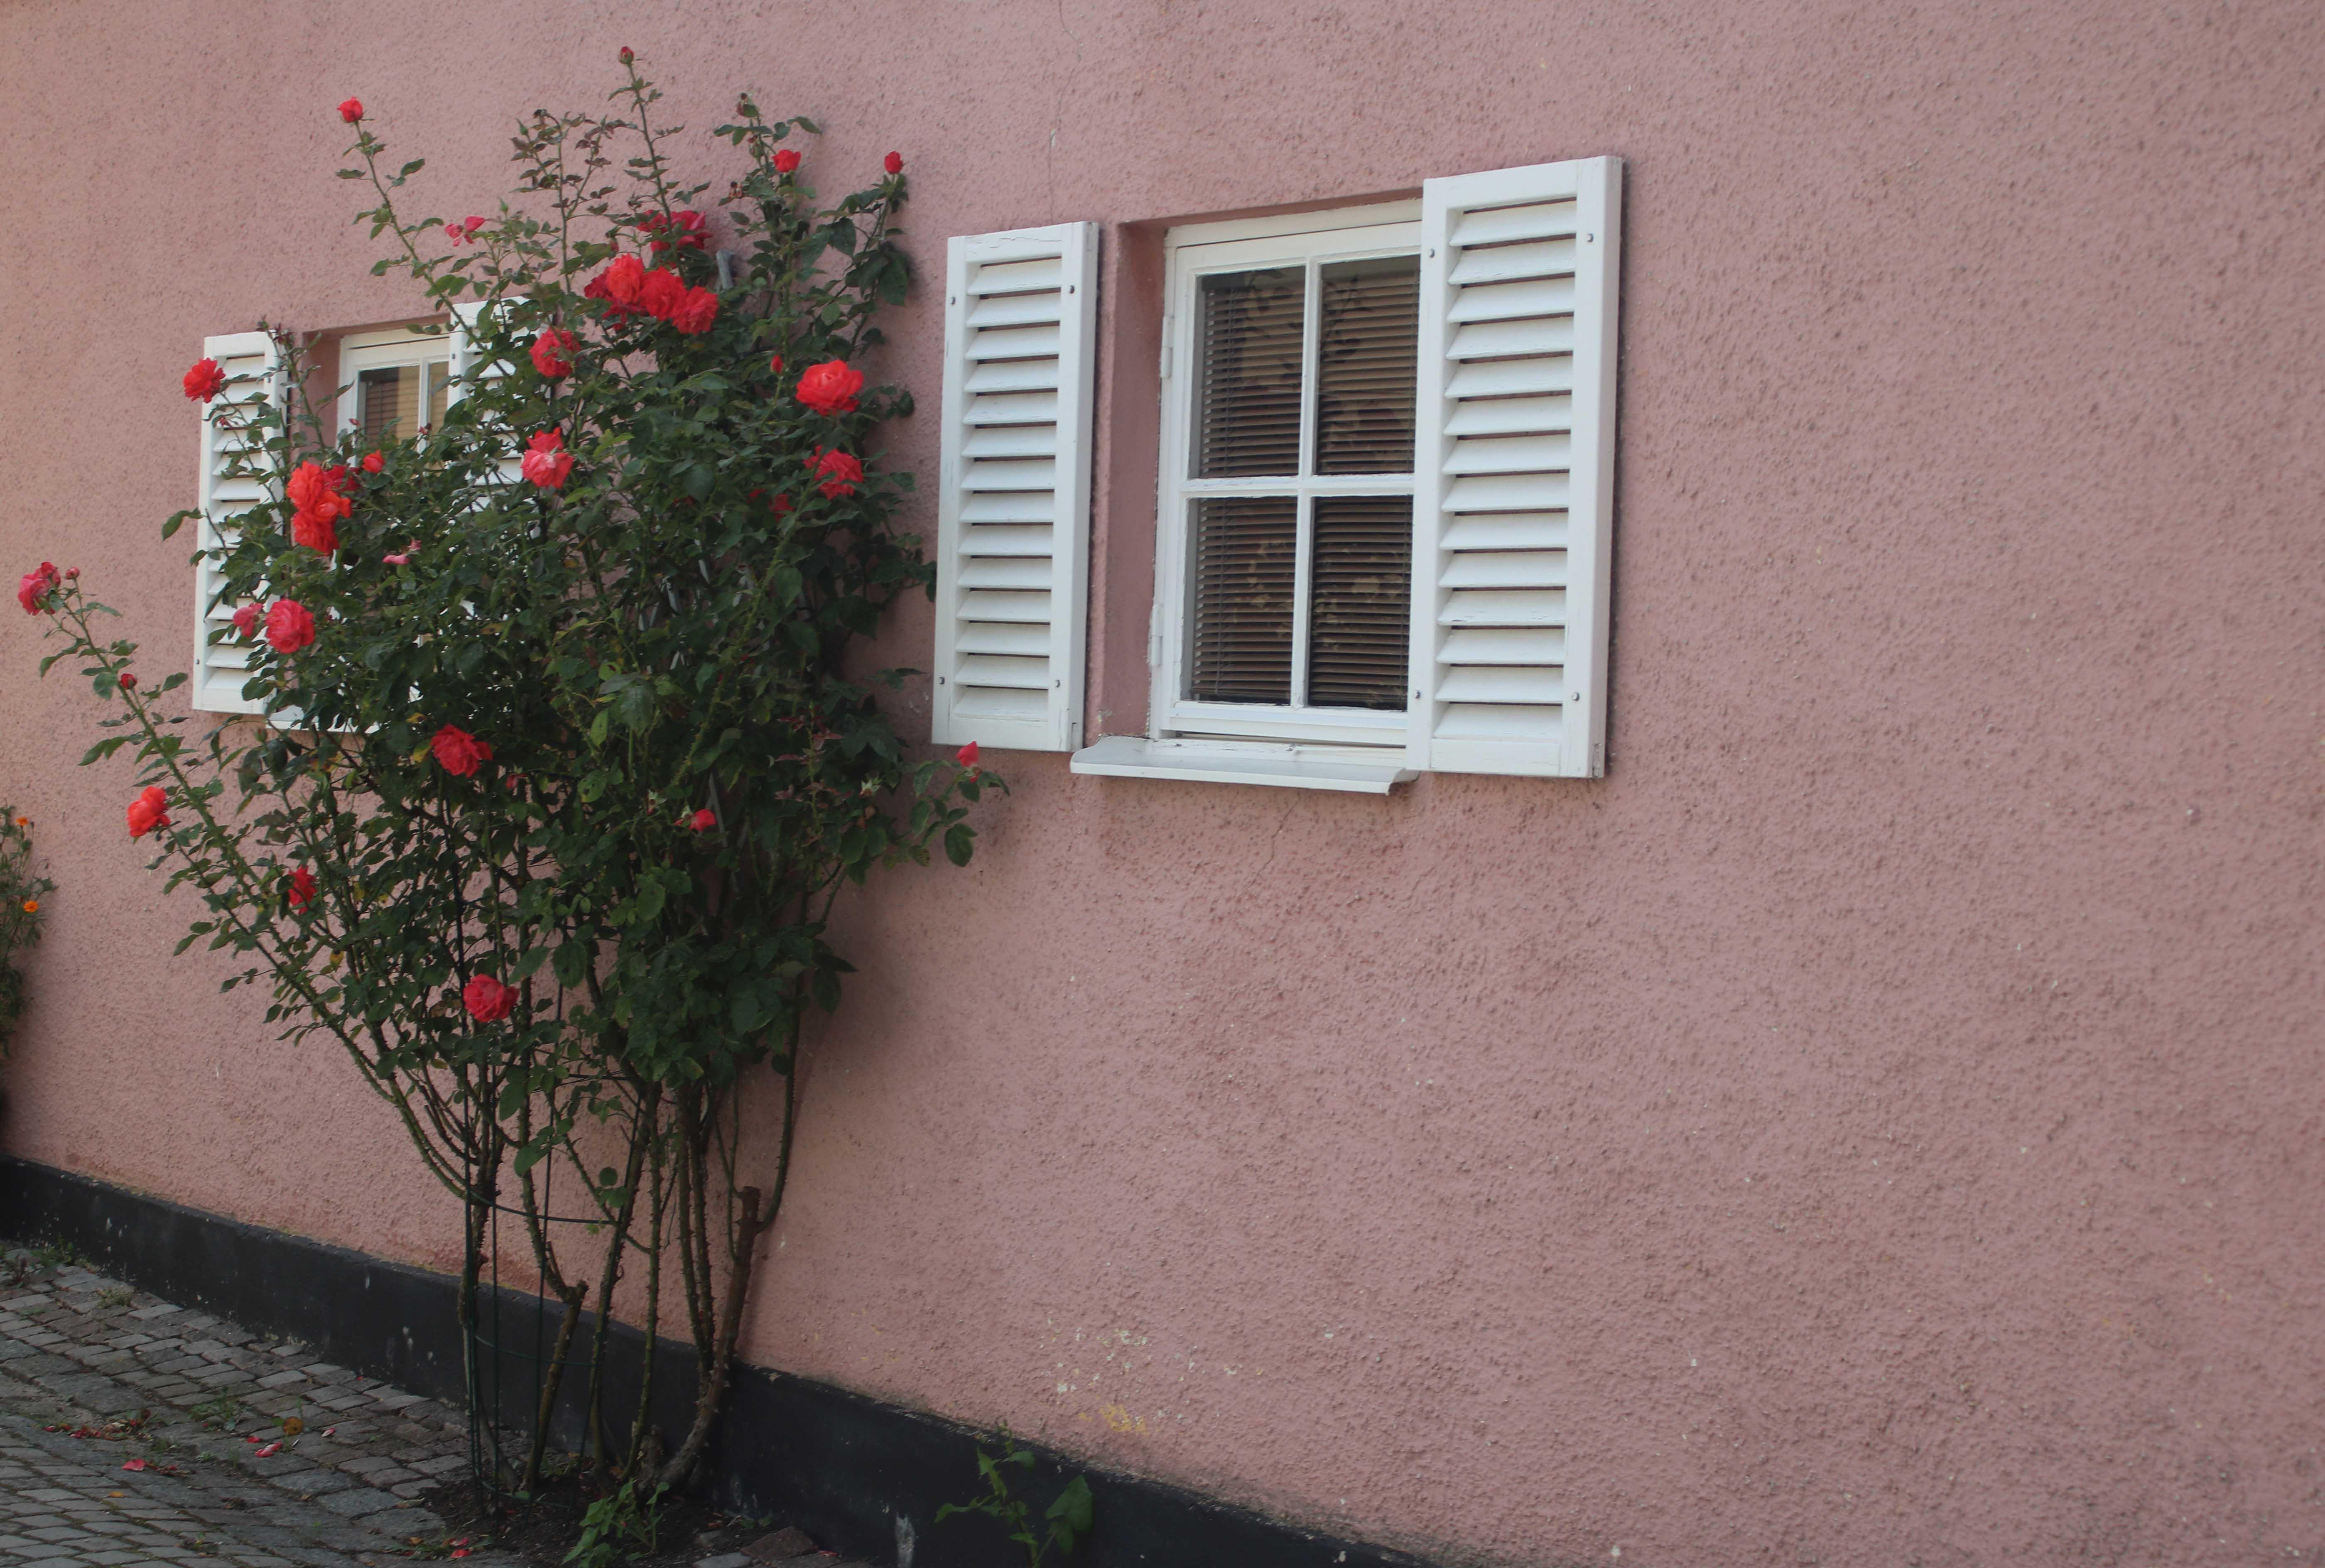 Nimi: Ruusuinen seinä, Kuvaaja: Kari Heino